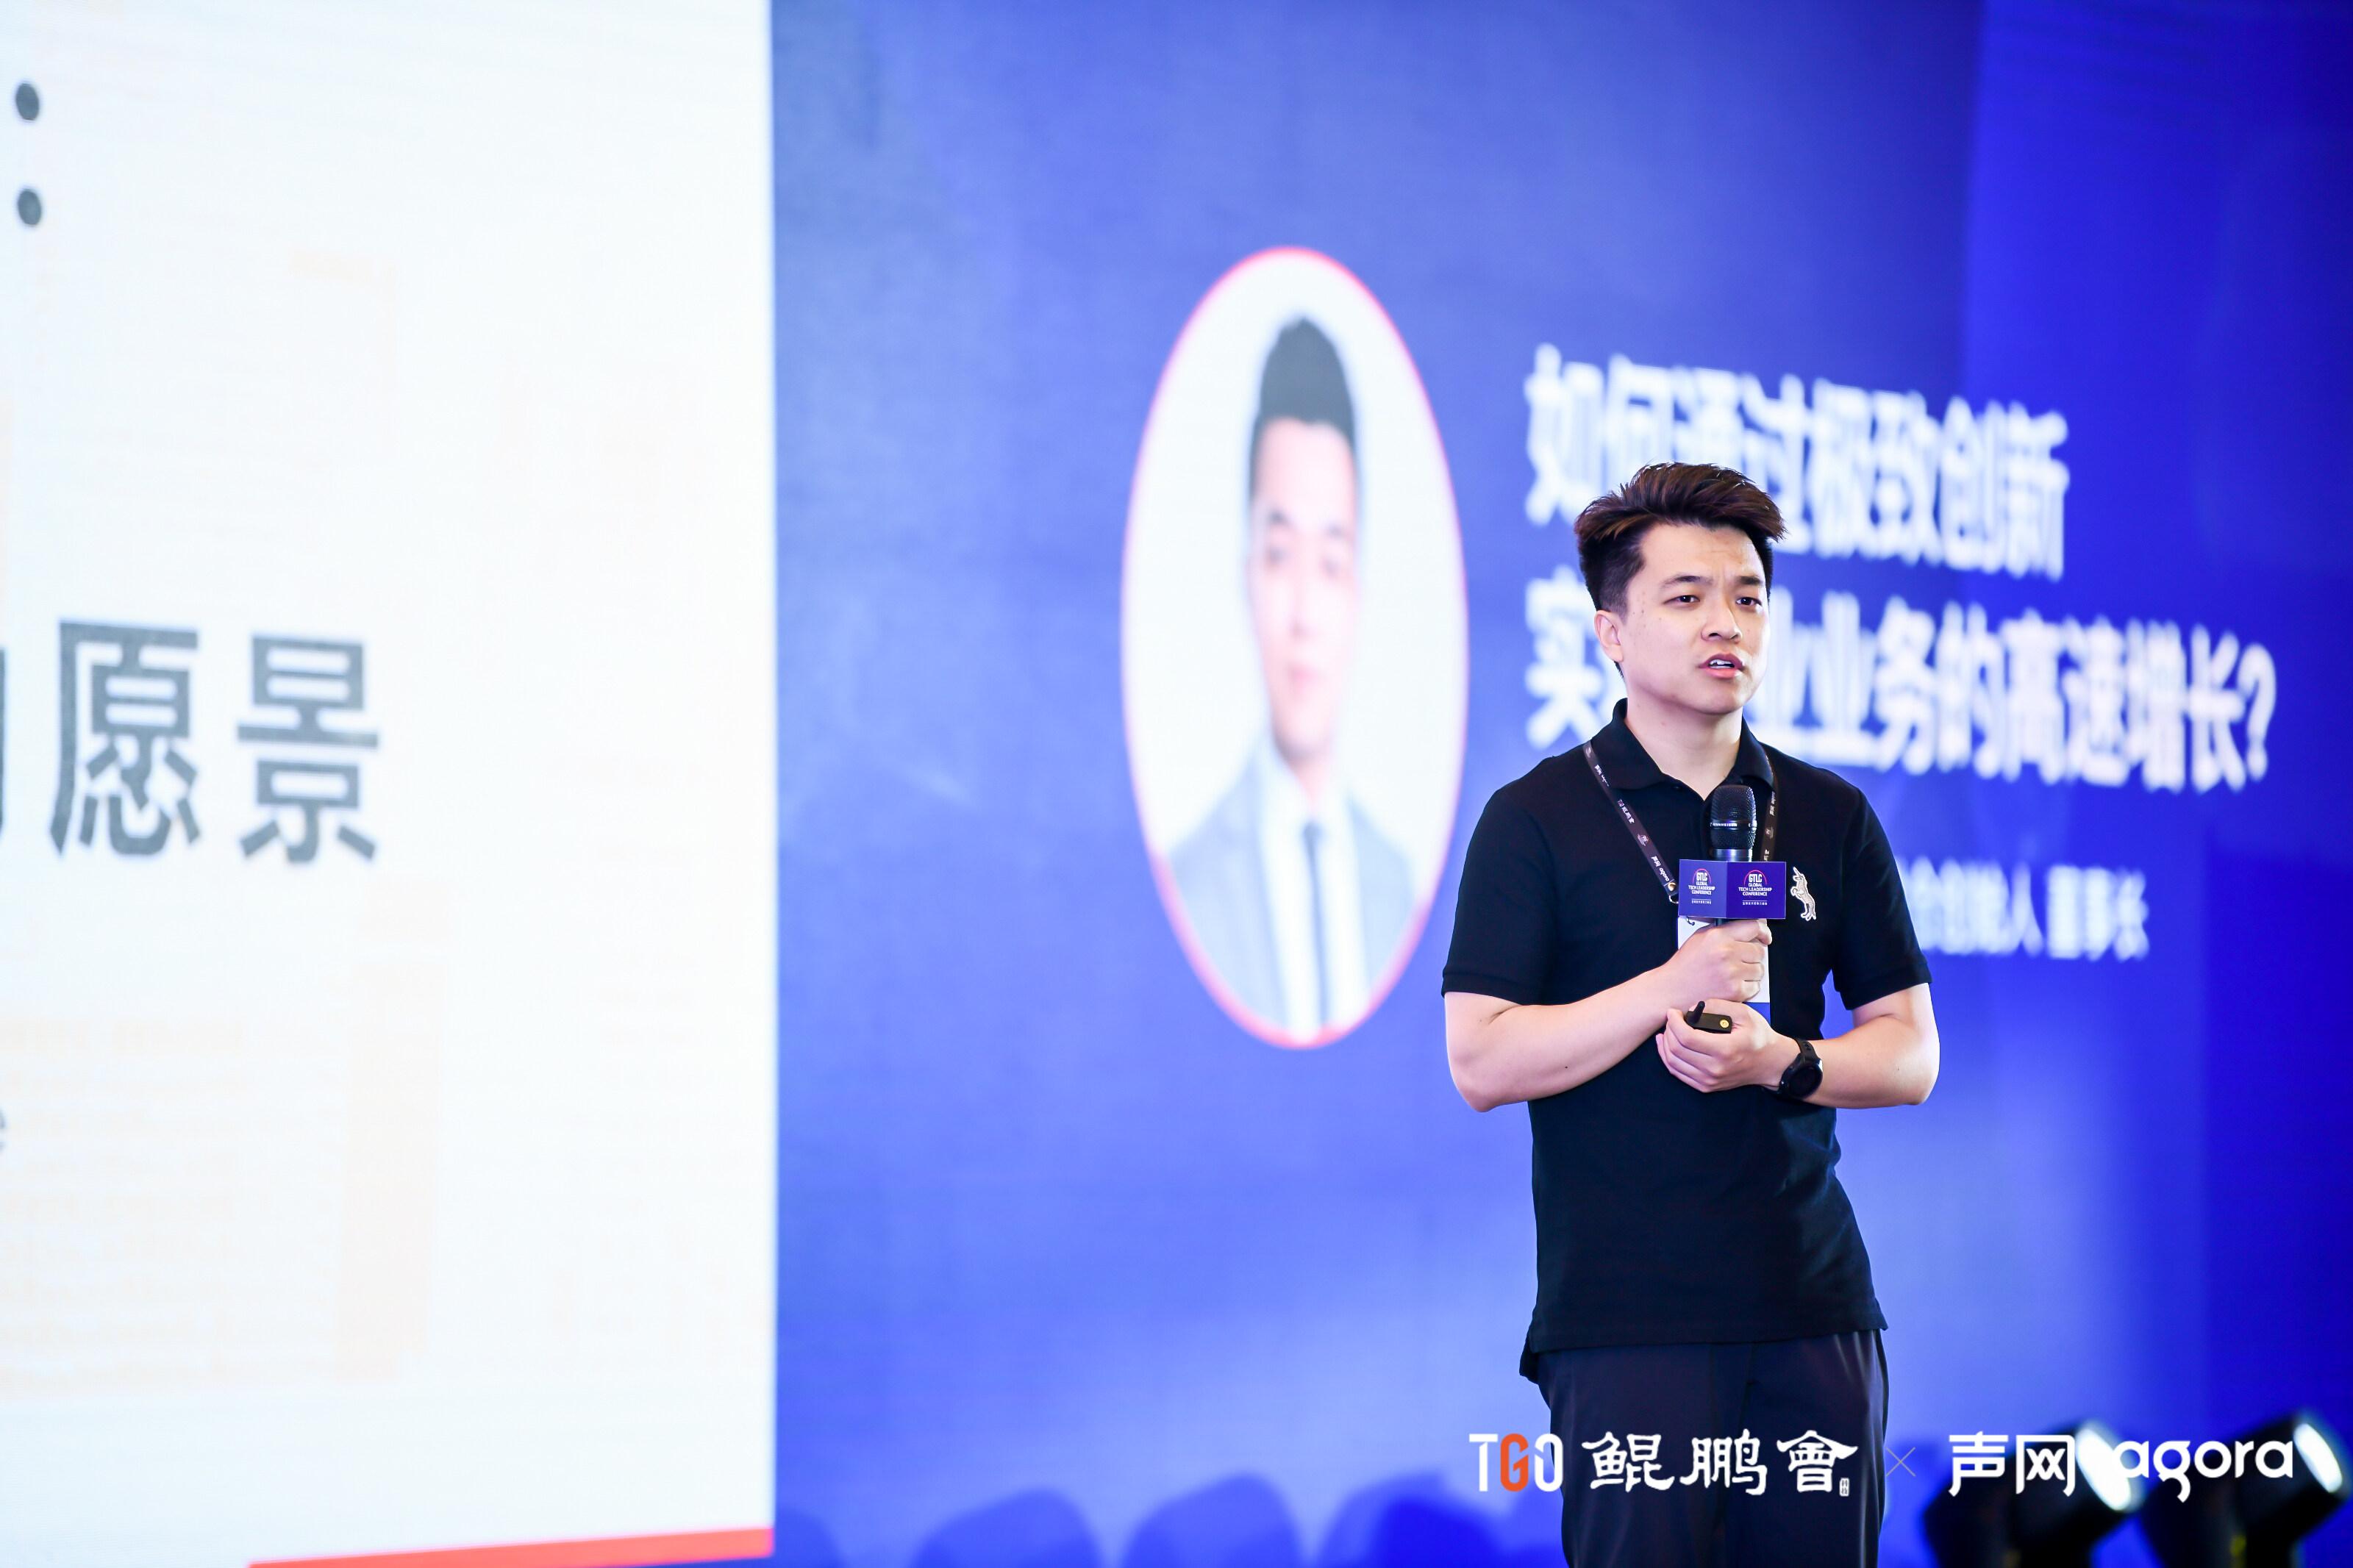 樊登读书董事长郭俊杰:如何通过极致创新,实现企业业务高速增长?